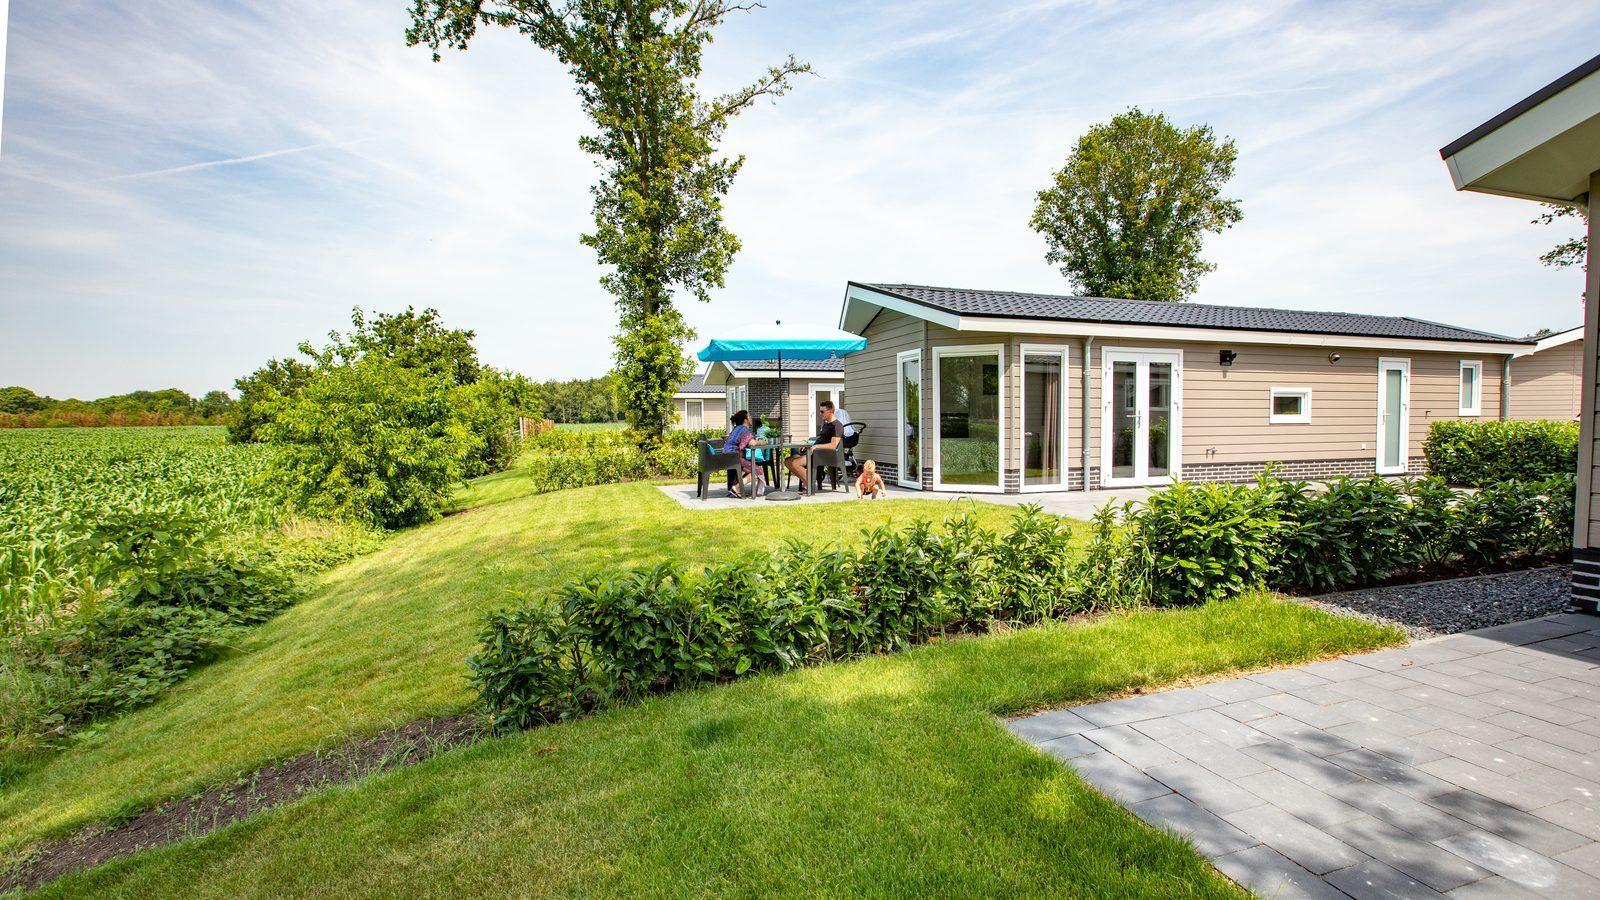 TopParken Verkoop nl - Vakantiewoning kopen in Nederland